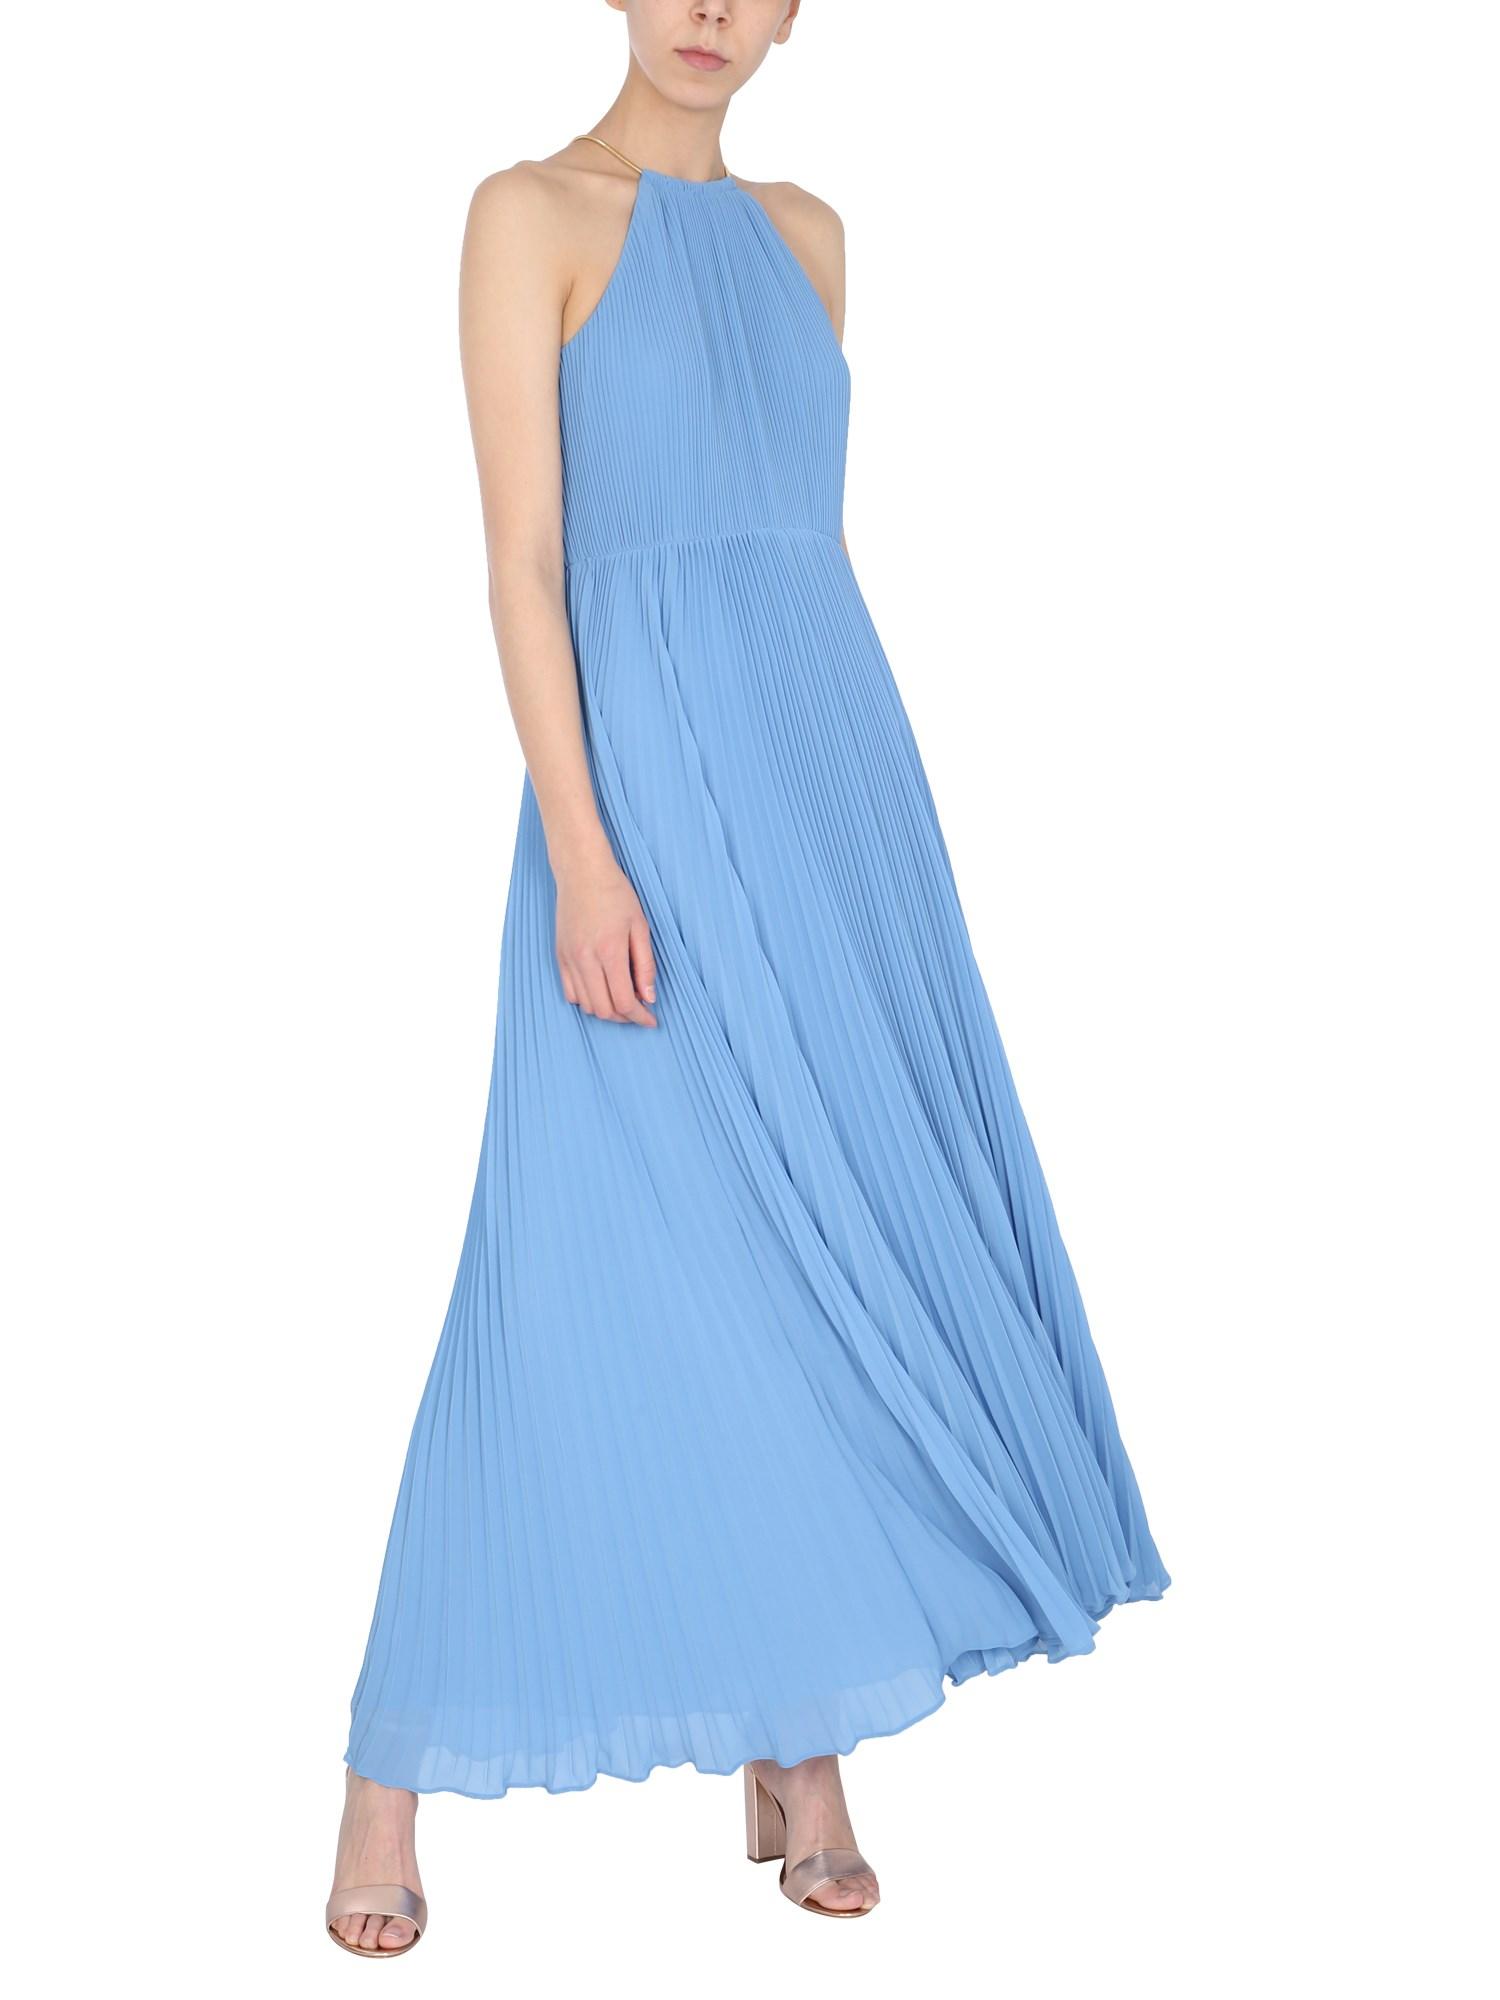 Georgette dress - michael by michael kors - Modalova